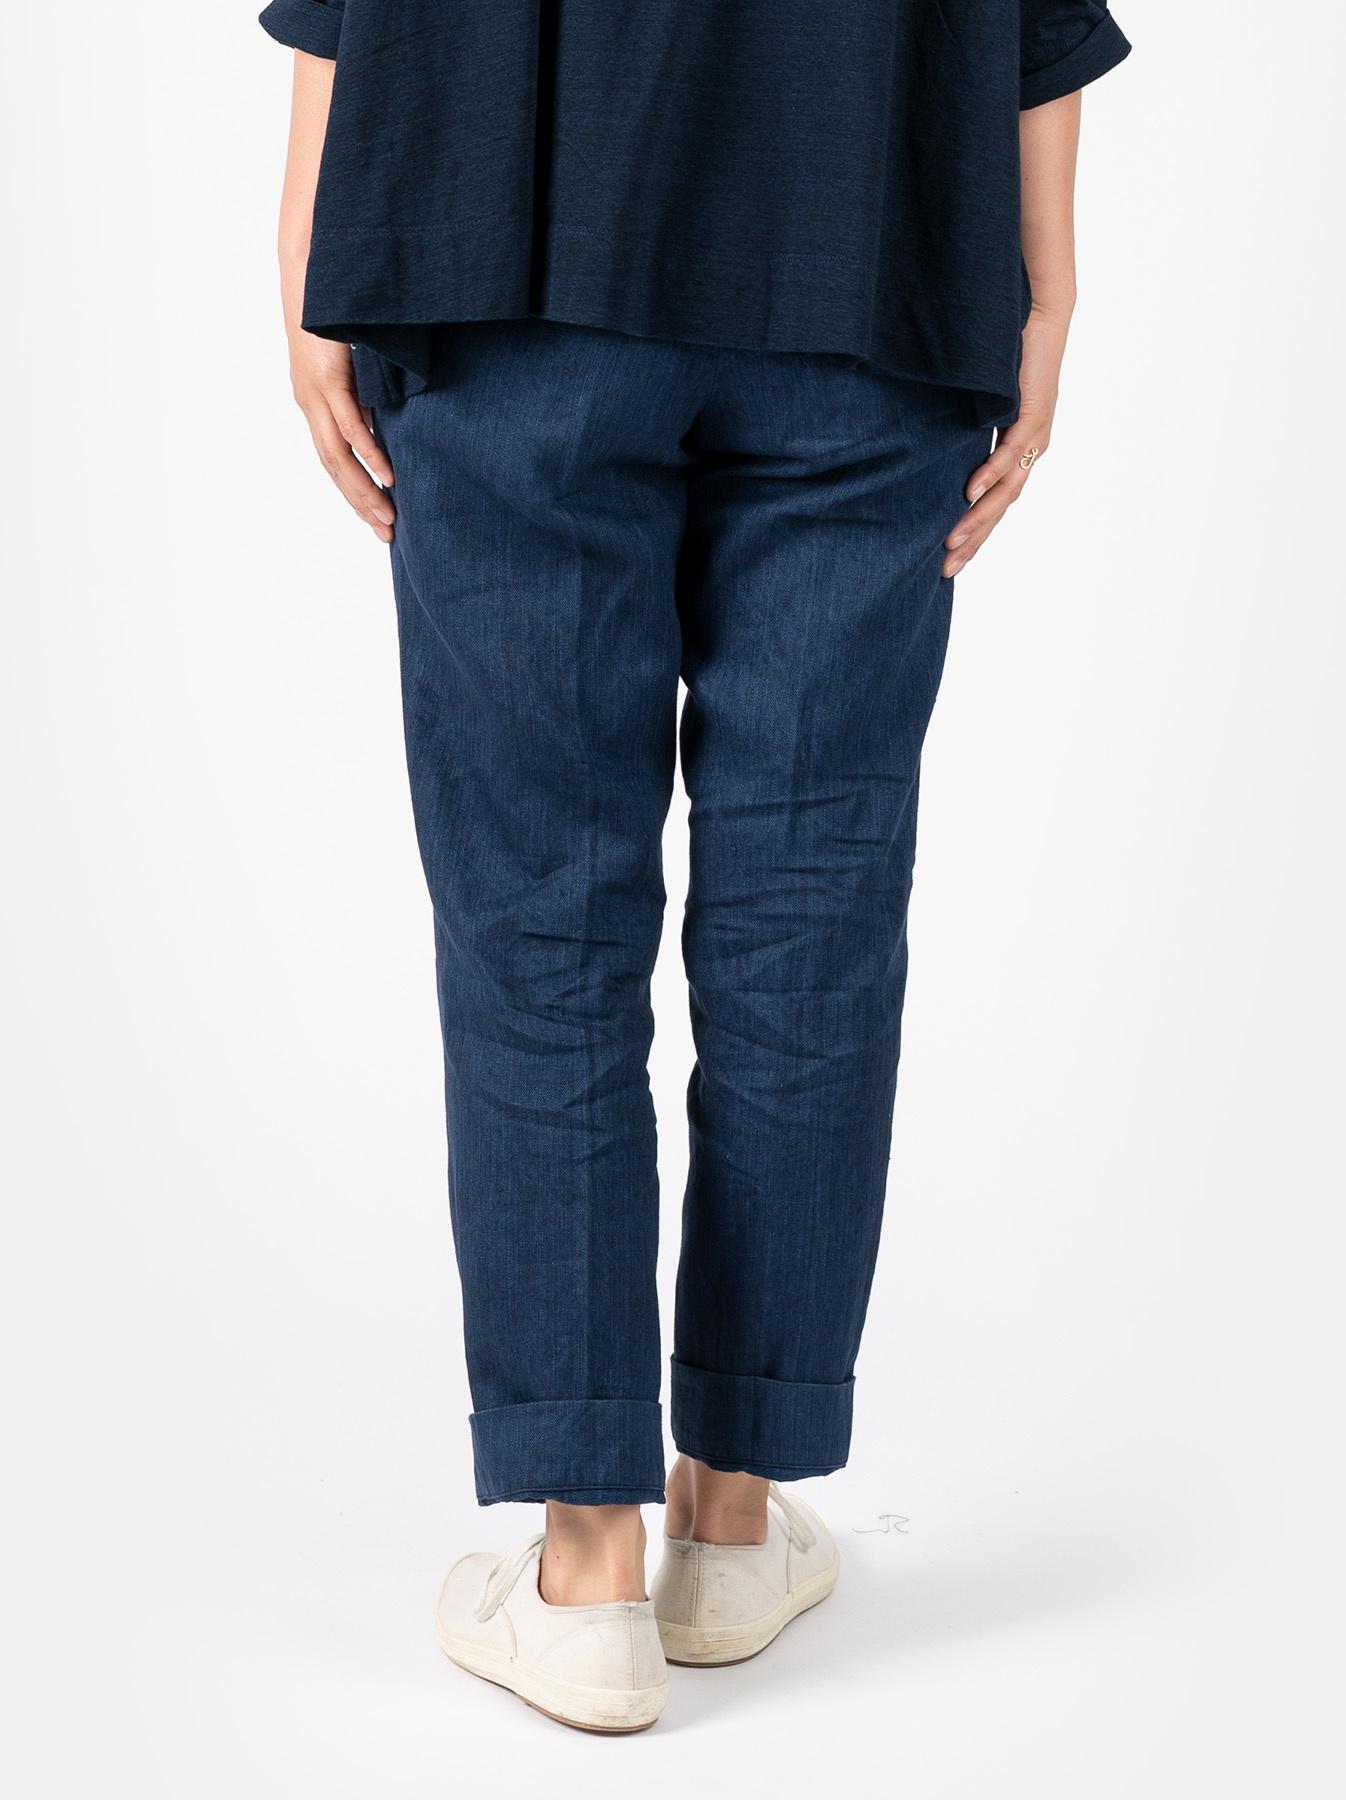 WH Linen Easy Slacks-5